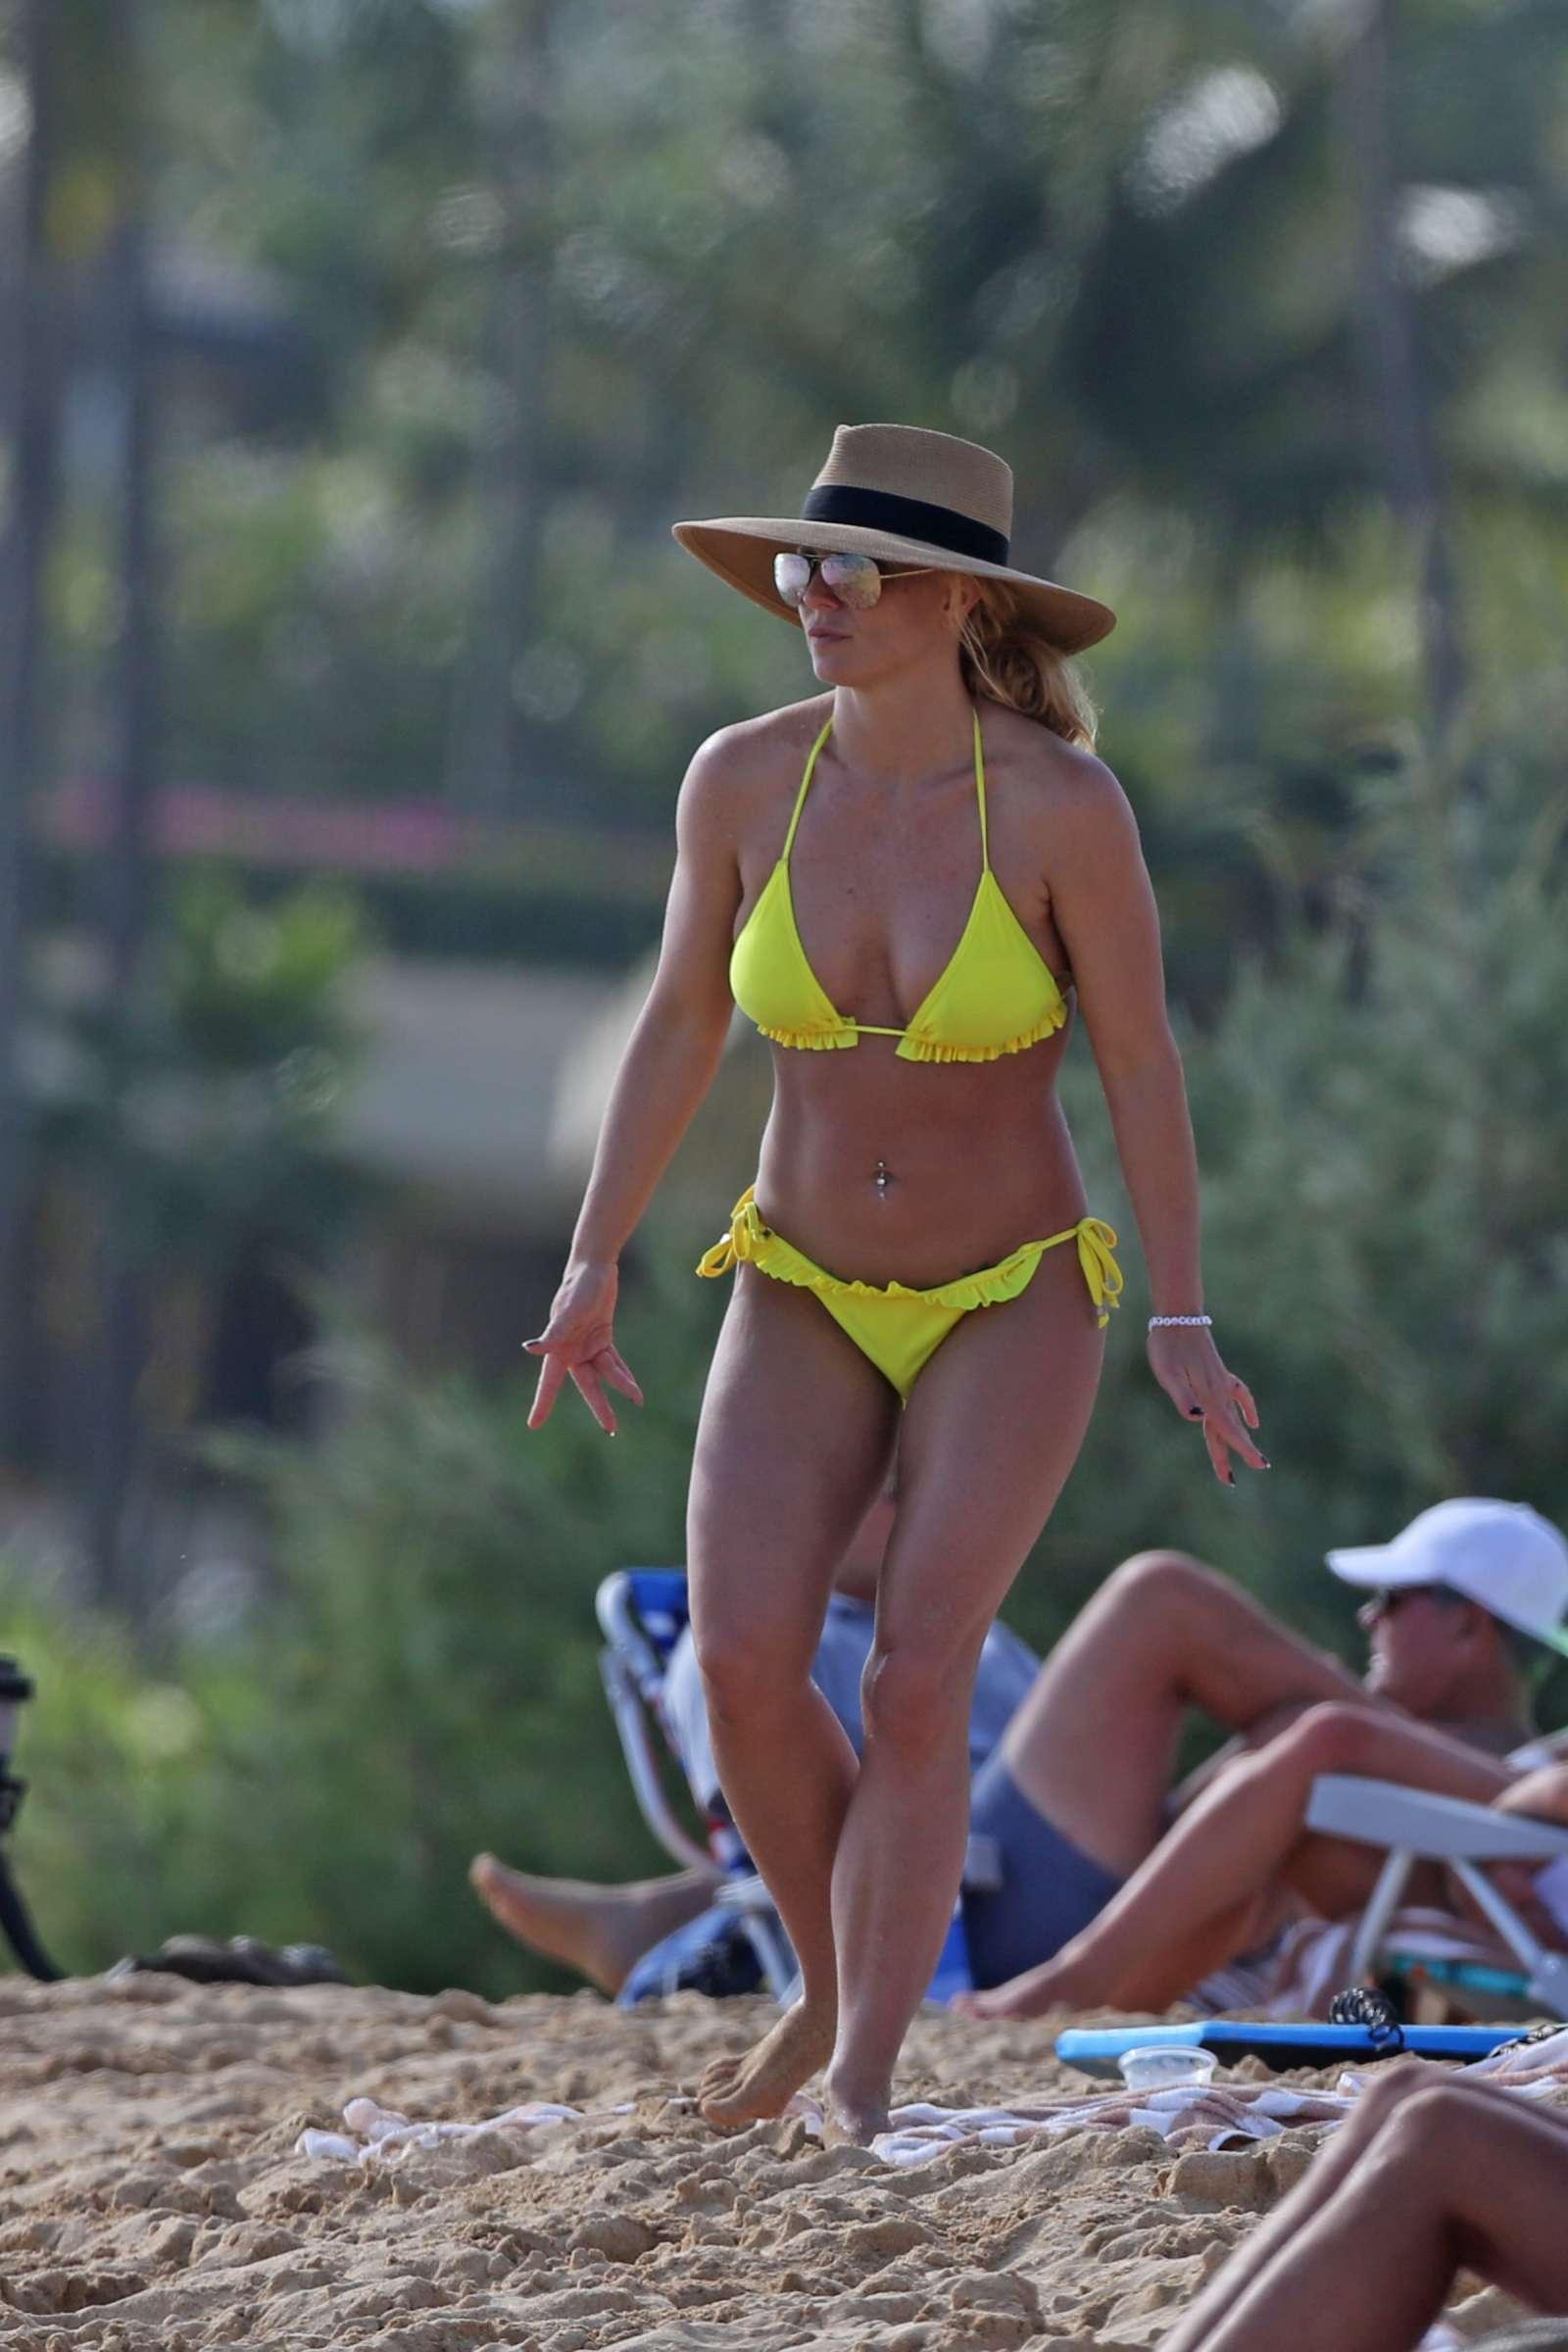 Britney Spears in Yellow Bikini on the beach in Hawaii